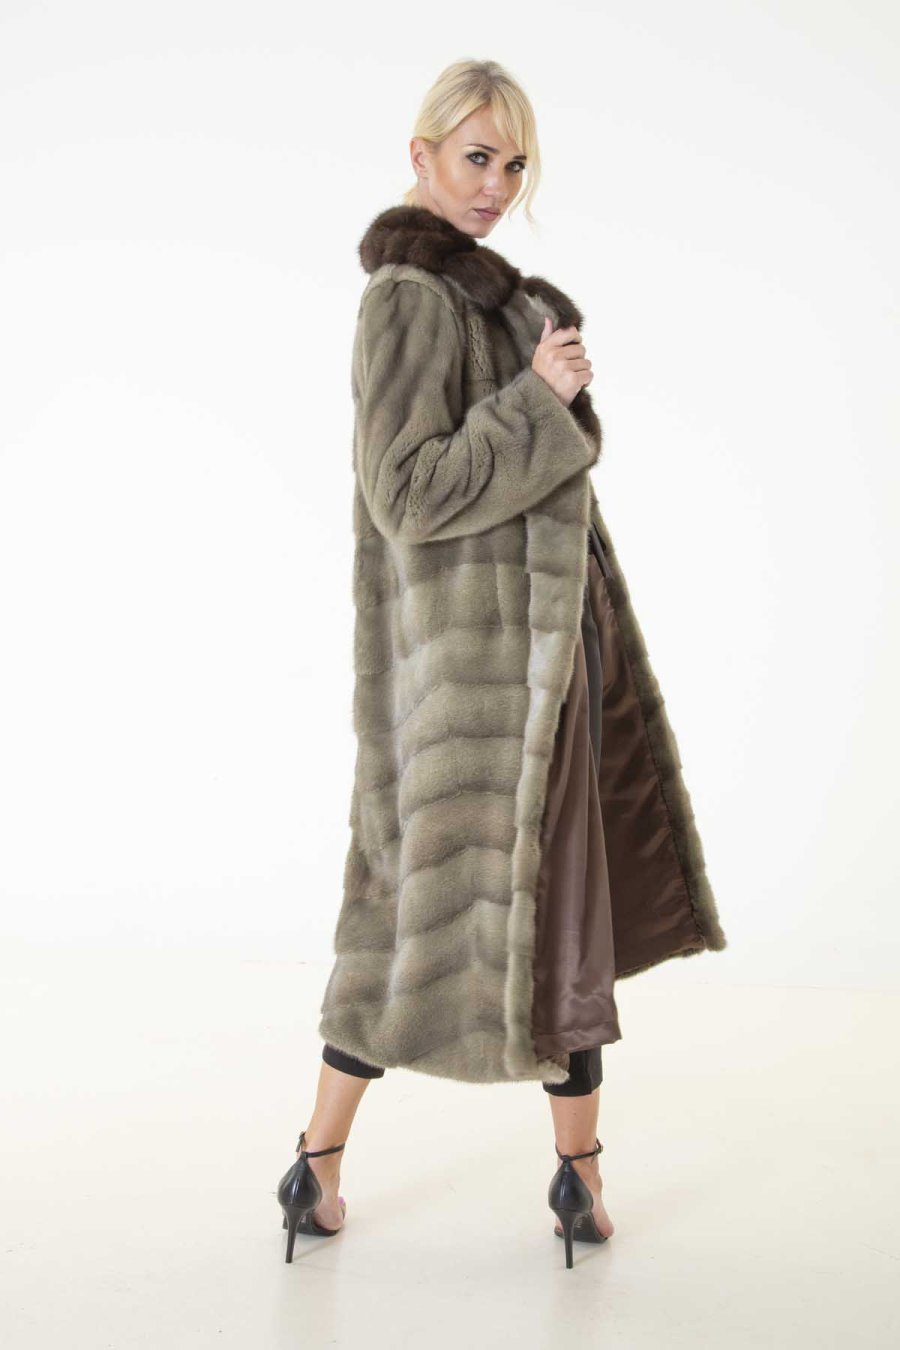 Auro - Male Mink Kopenhagen Coat | Sarigianni Furs